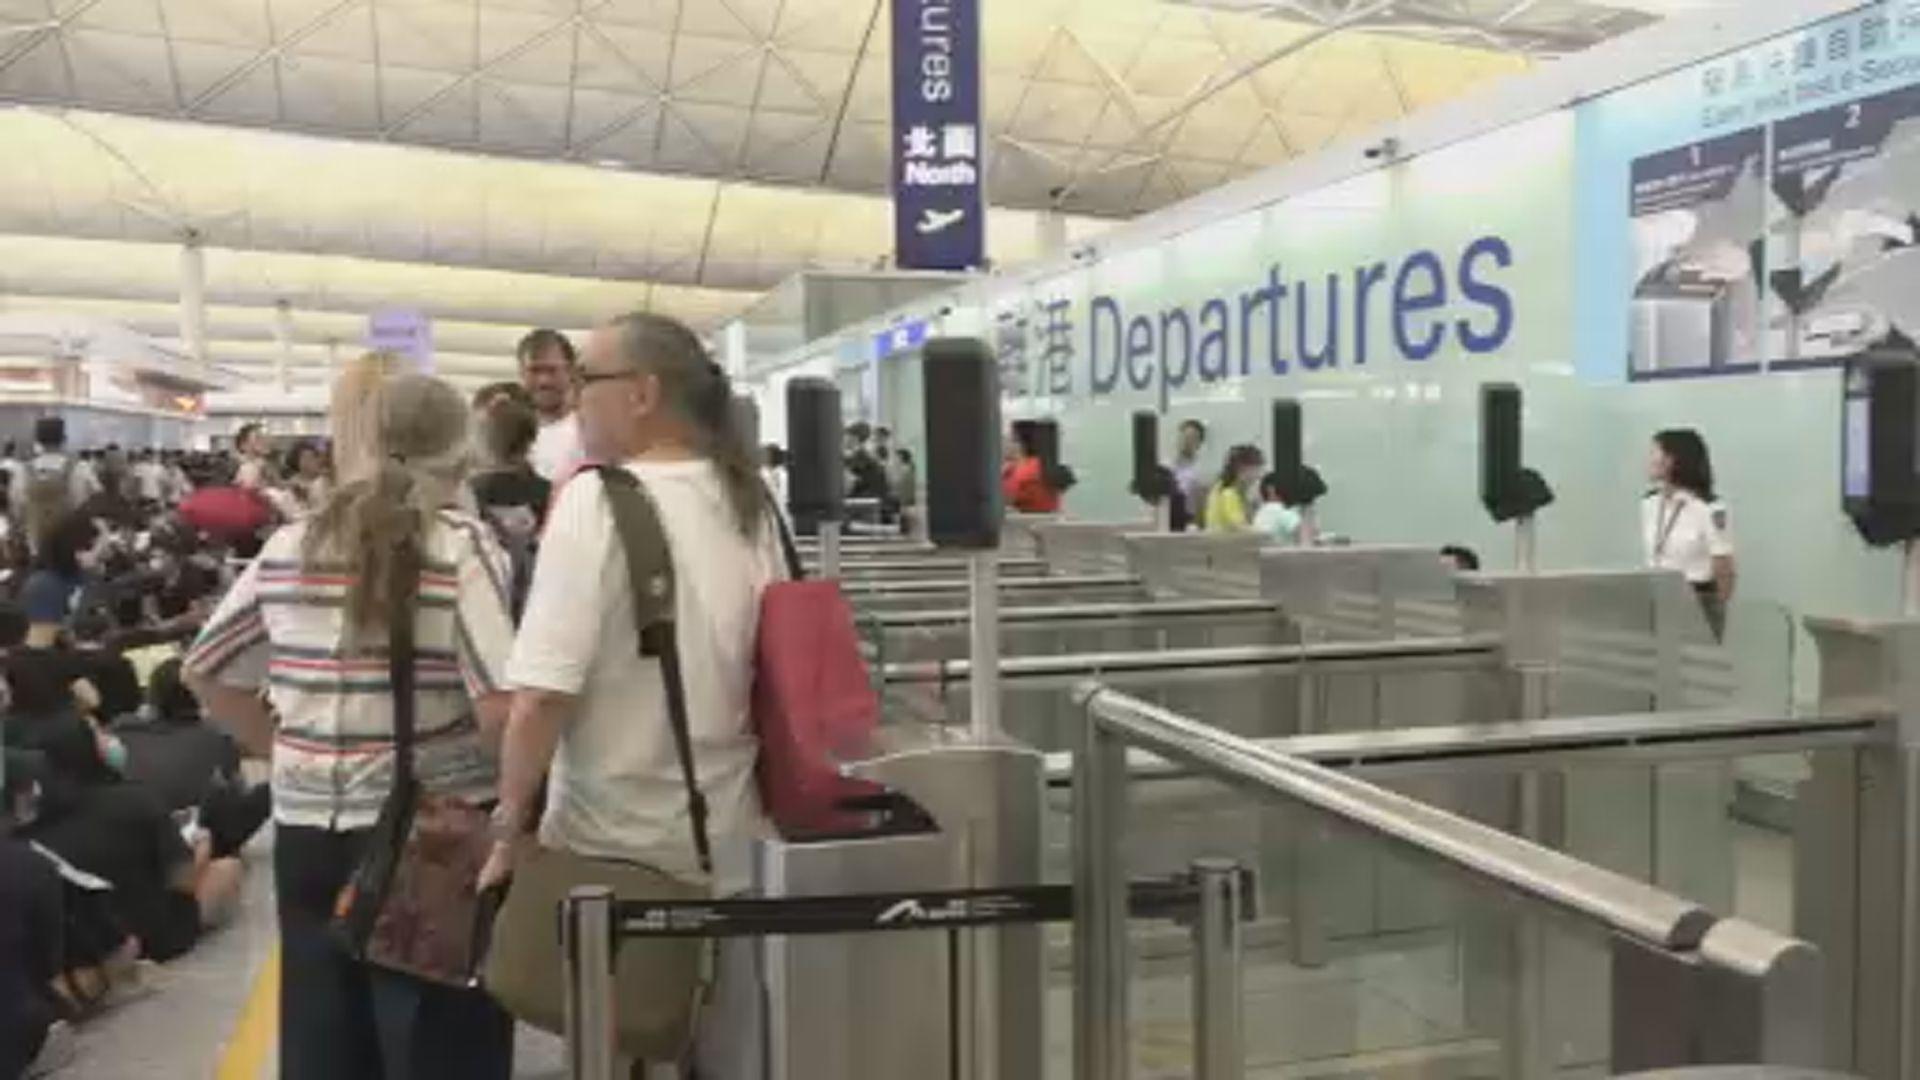 【即日焦點】前線示威者憶述黑衣人挑起衝突 警方認喬裝不同人物助執法;陳帆:干預機場運作令香港付出沉重代價